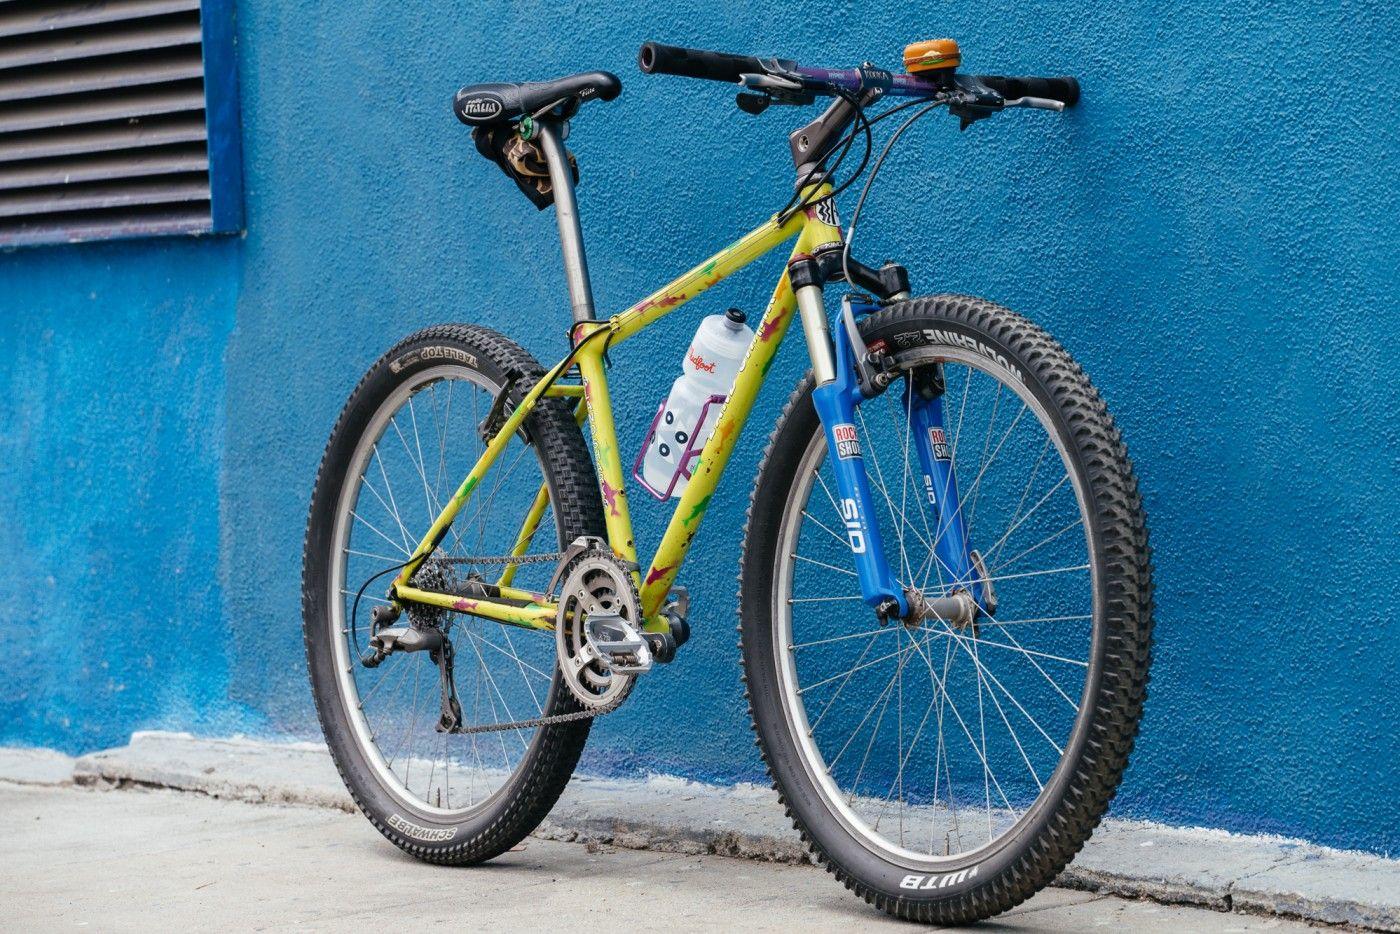 Vintage Mtb Vintage Mountain Bike Titanium Bike Vintage Bikes